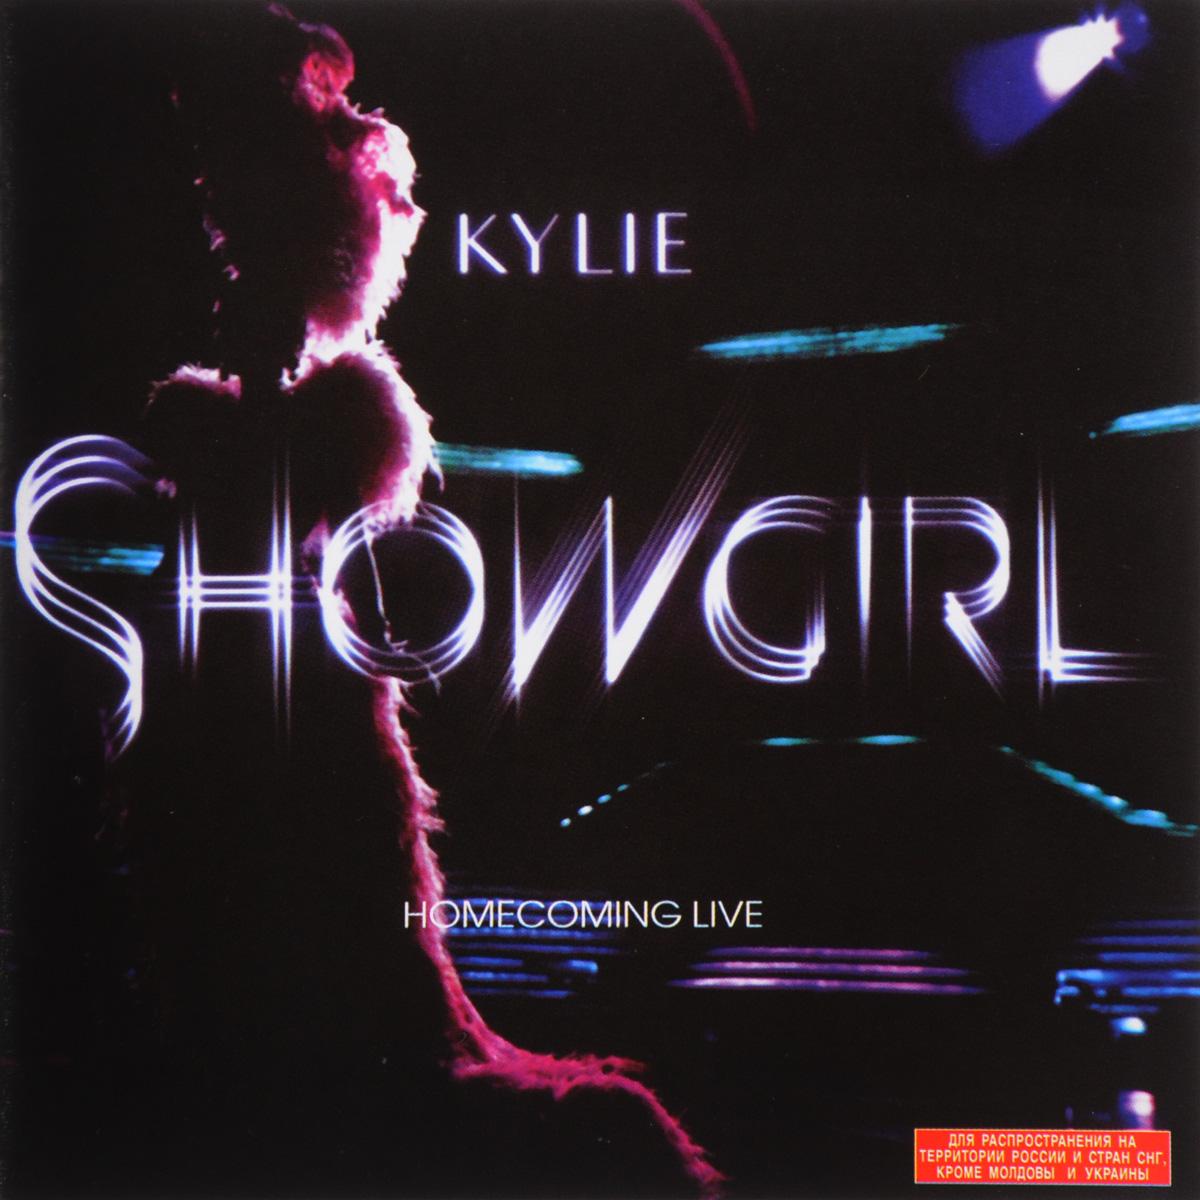 Двойной концертный альбом австралийской певицы Кайли Миноуг, которая твердо удерживает звание одной из самых продаваемых и популярных исполнительниц планеты.